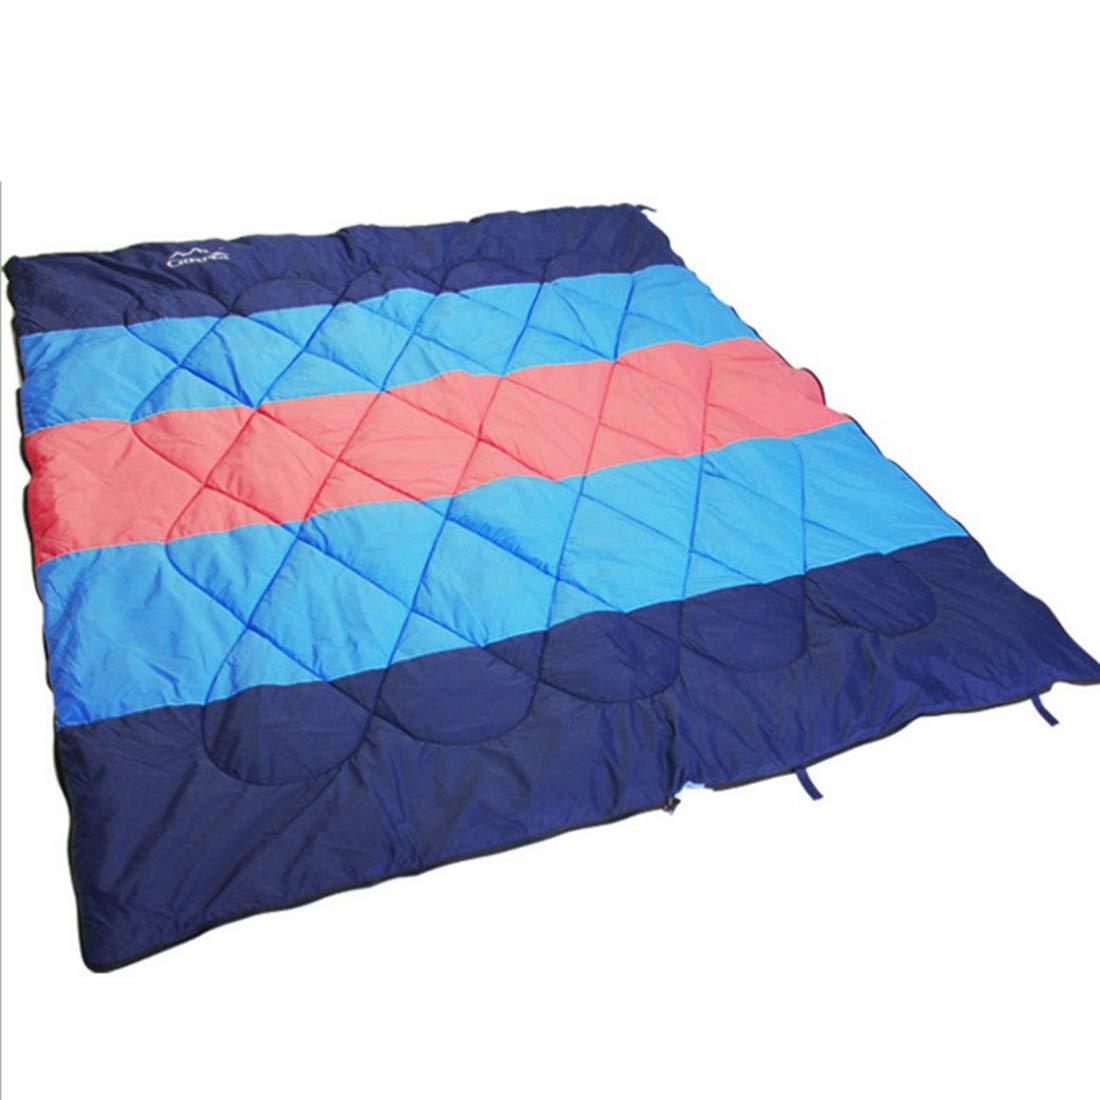 Jakiload Saco de Dormir Doble para mochilero, Acampar o Saco IR de excursión Saco o de Dormir Impermeable para 2 Personas, para Clima frío, para Adultos o Adolescentes (Color : Azul) 3a5674